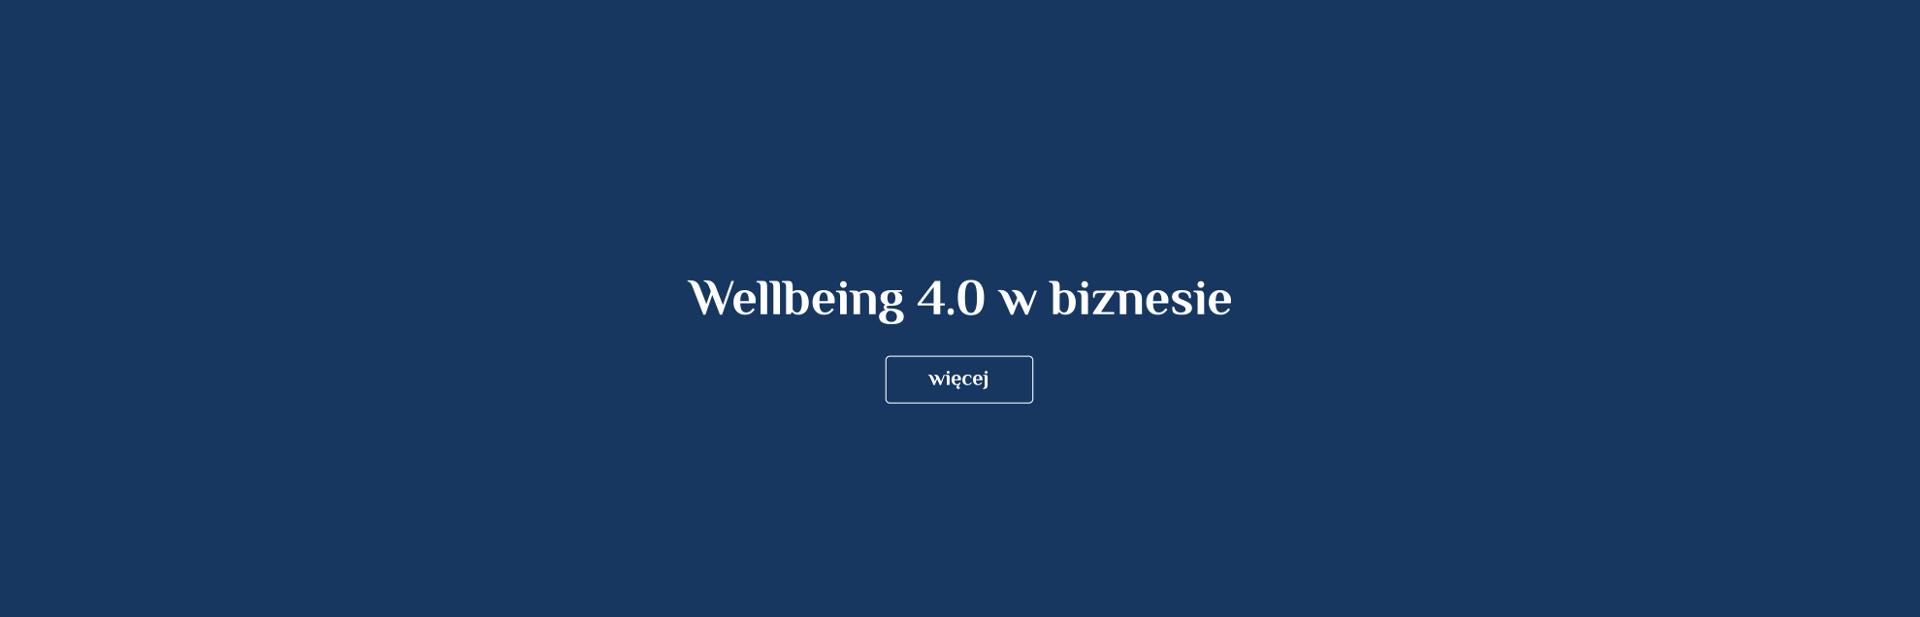 wellbeing w biznesie 4.0